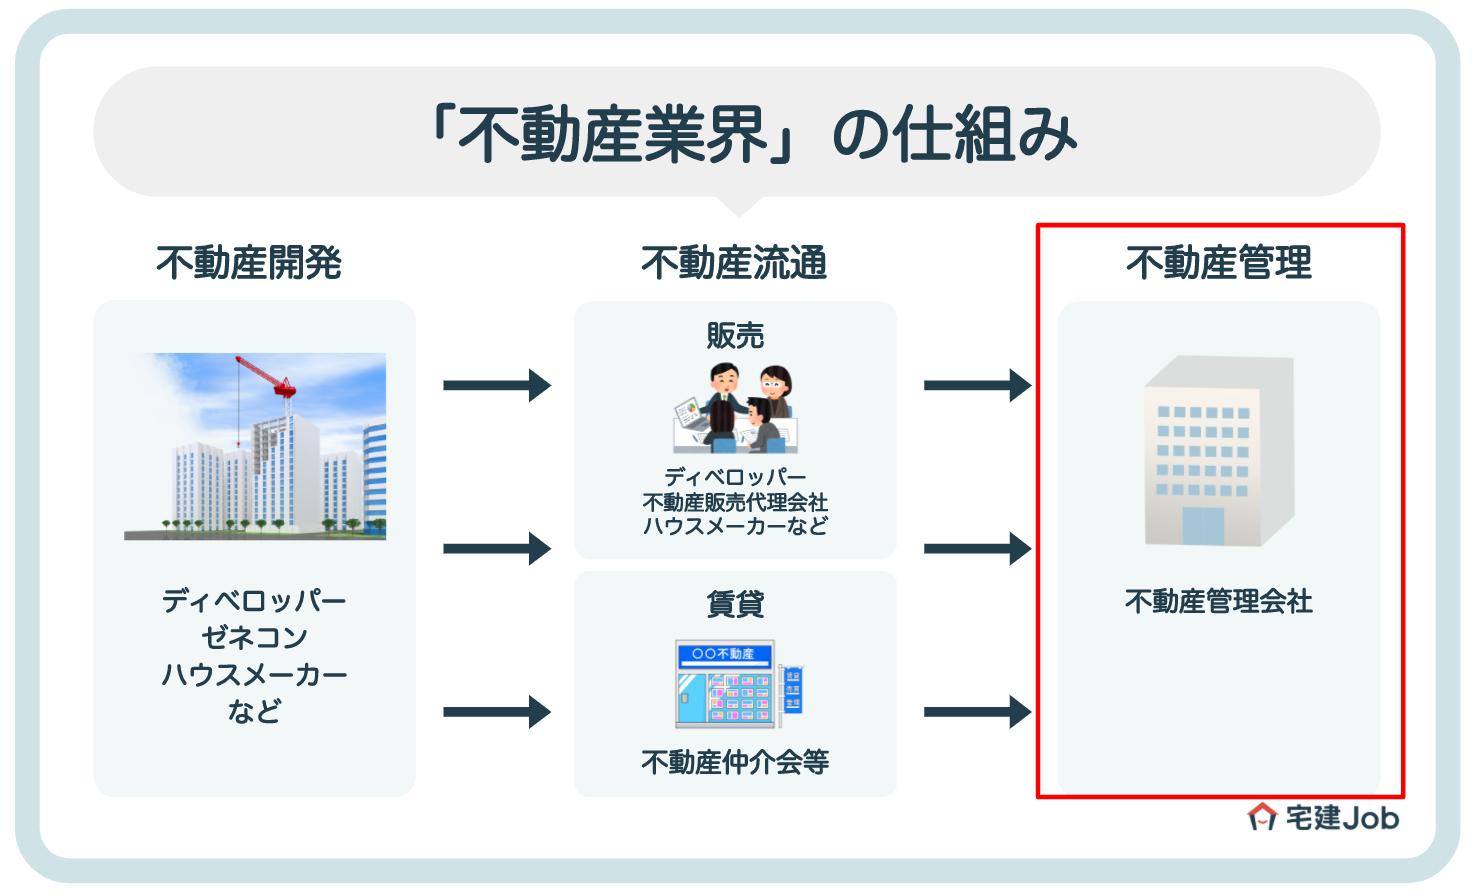 マンション管理業界の仕組み